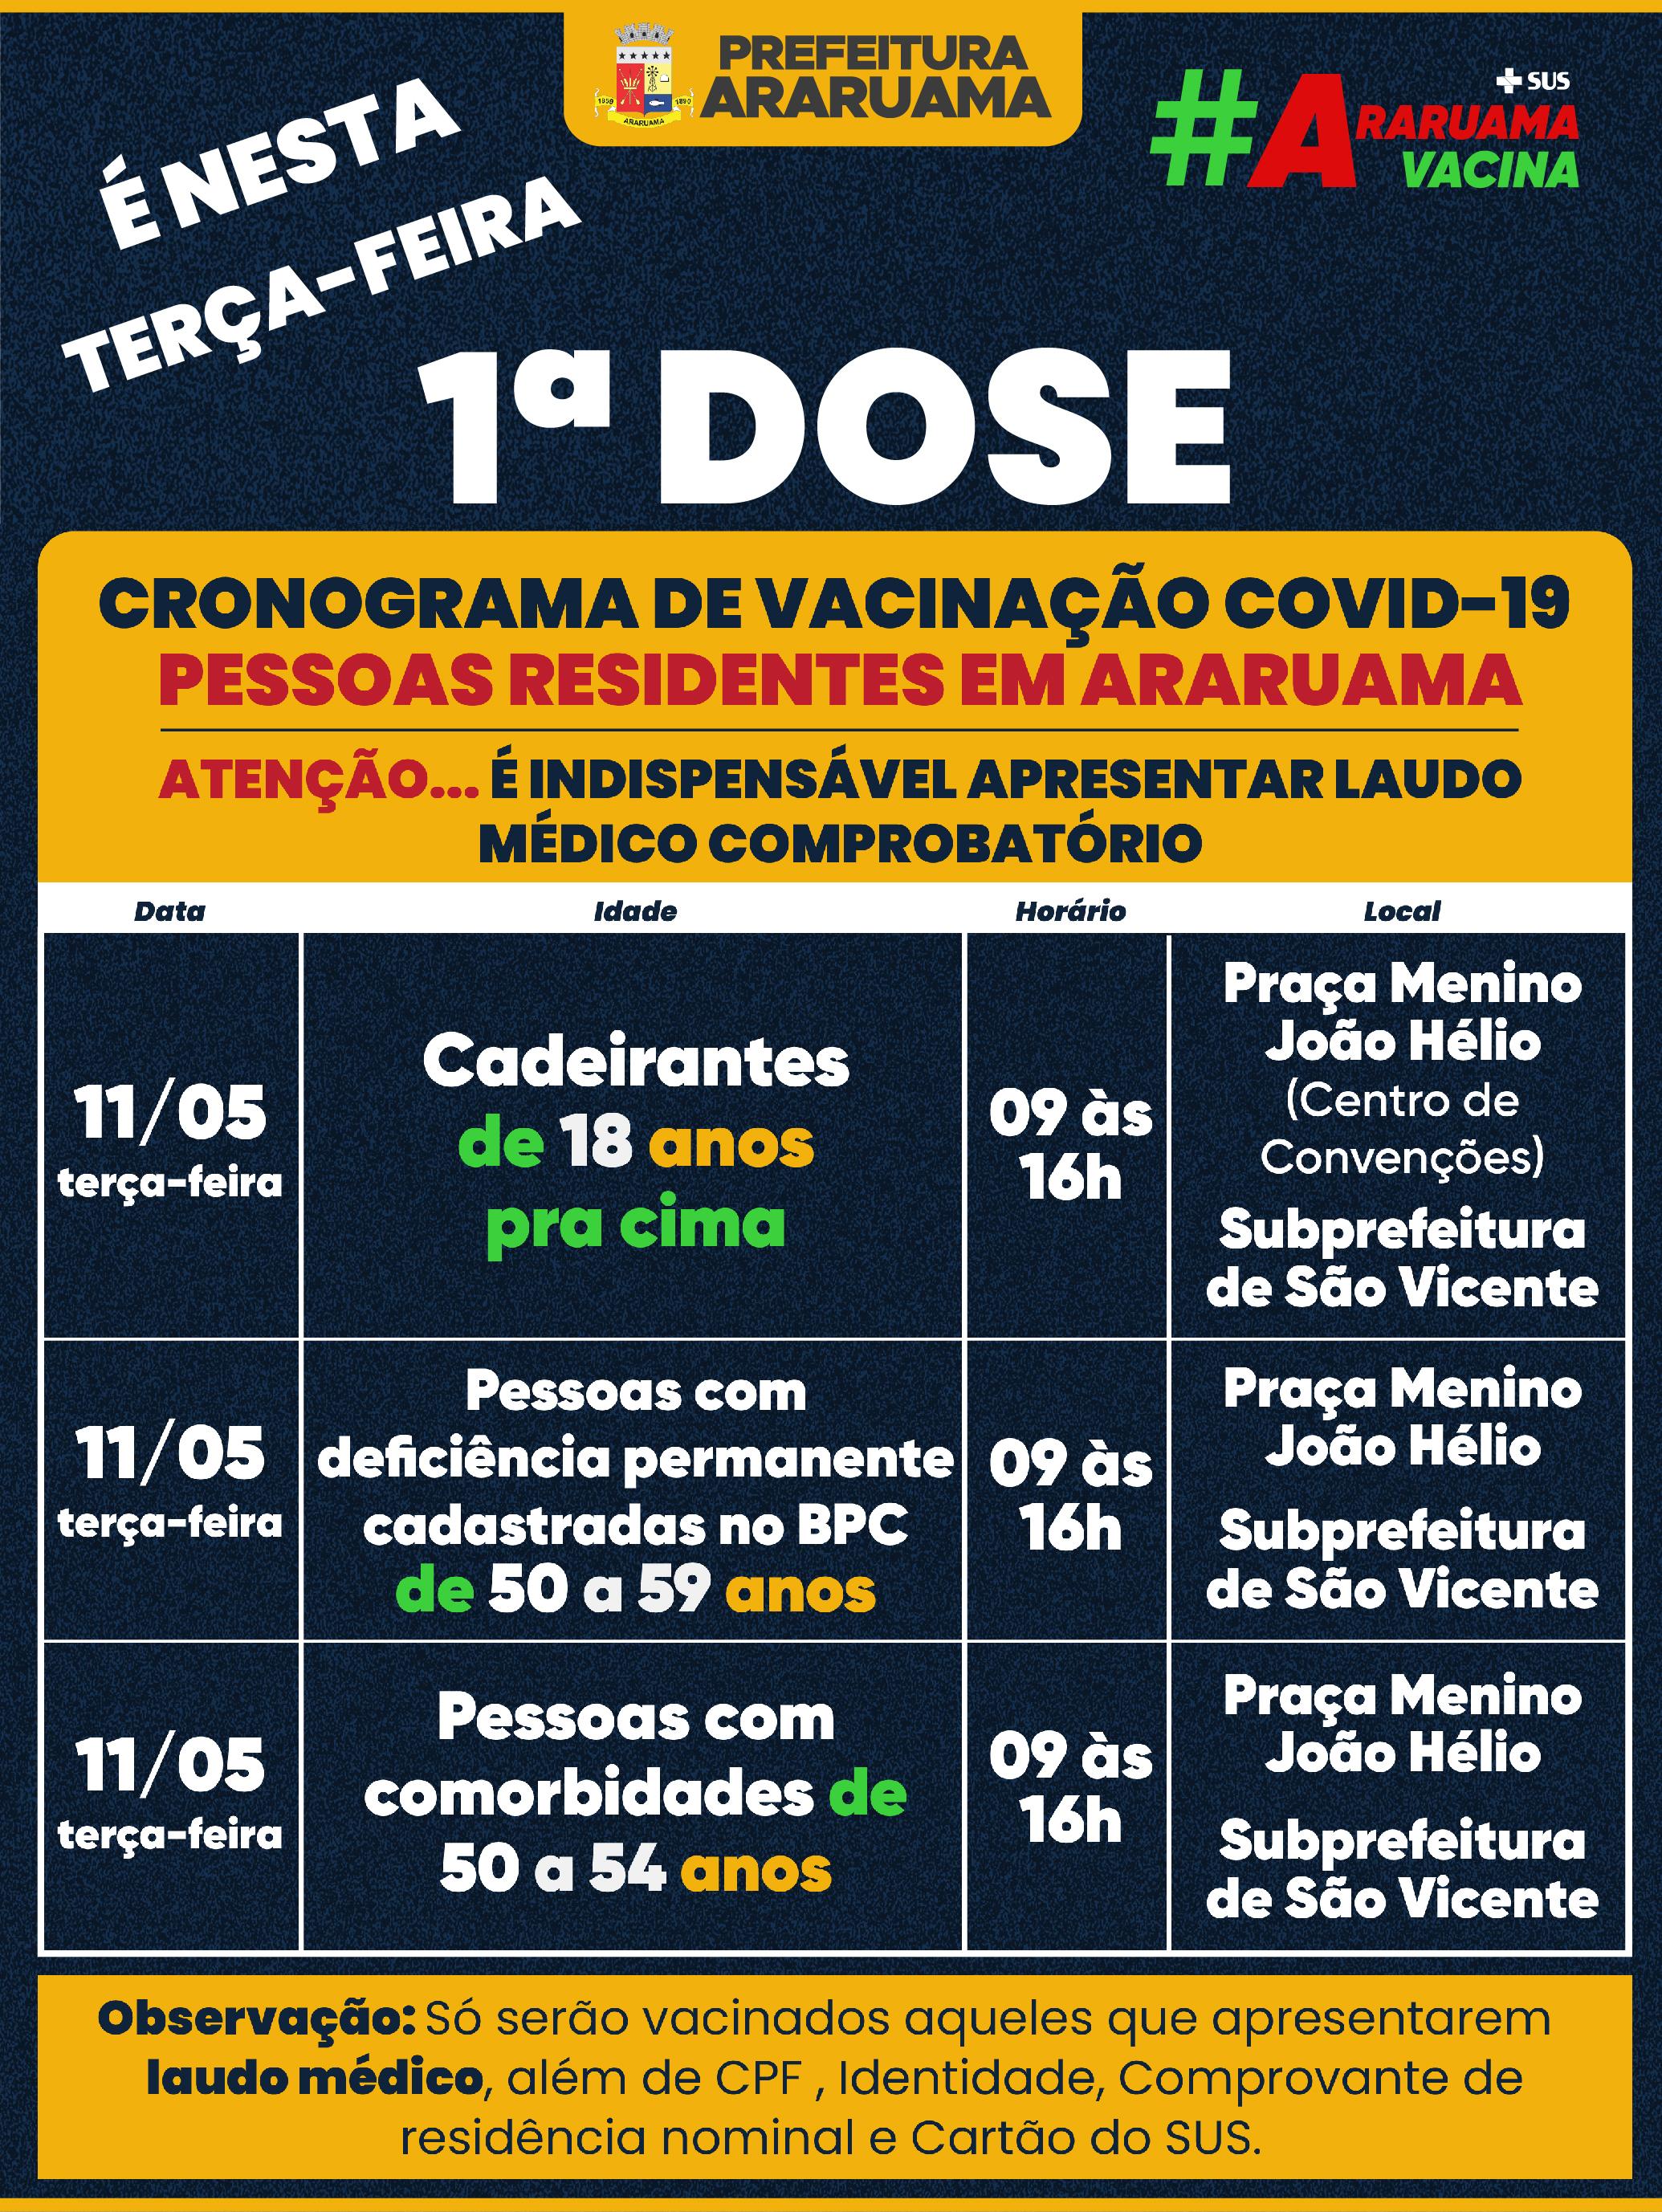 Calendário de vacinação para essa terça-feira, 11